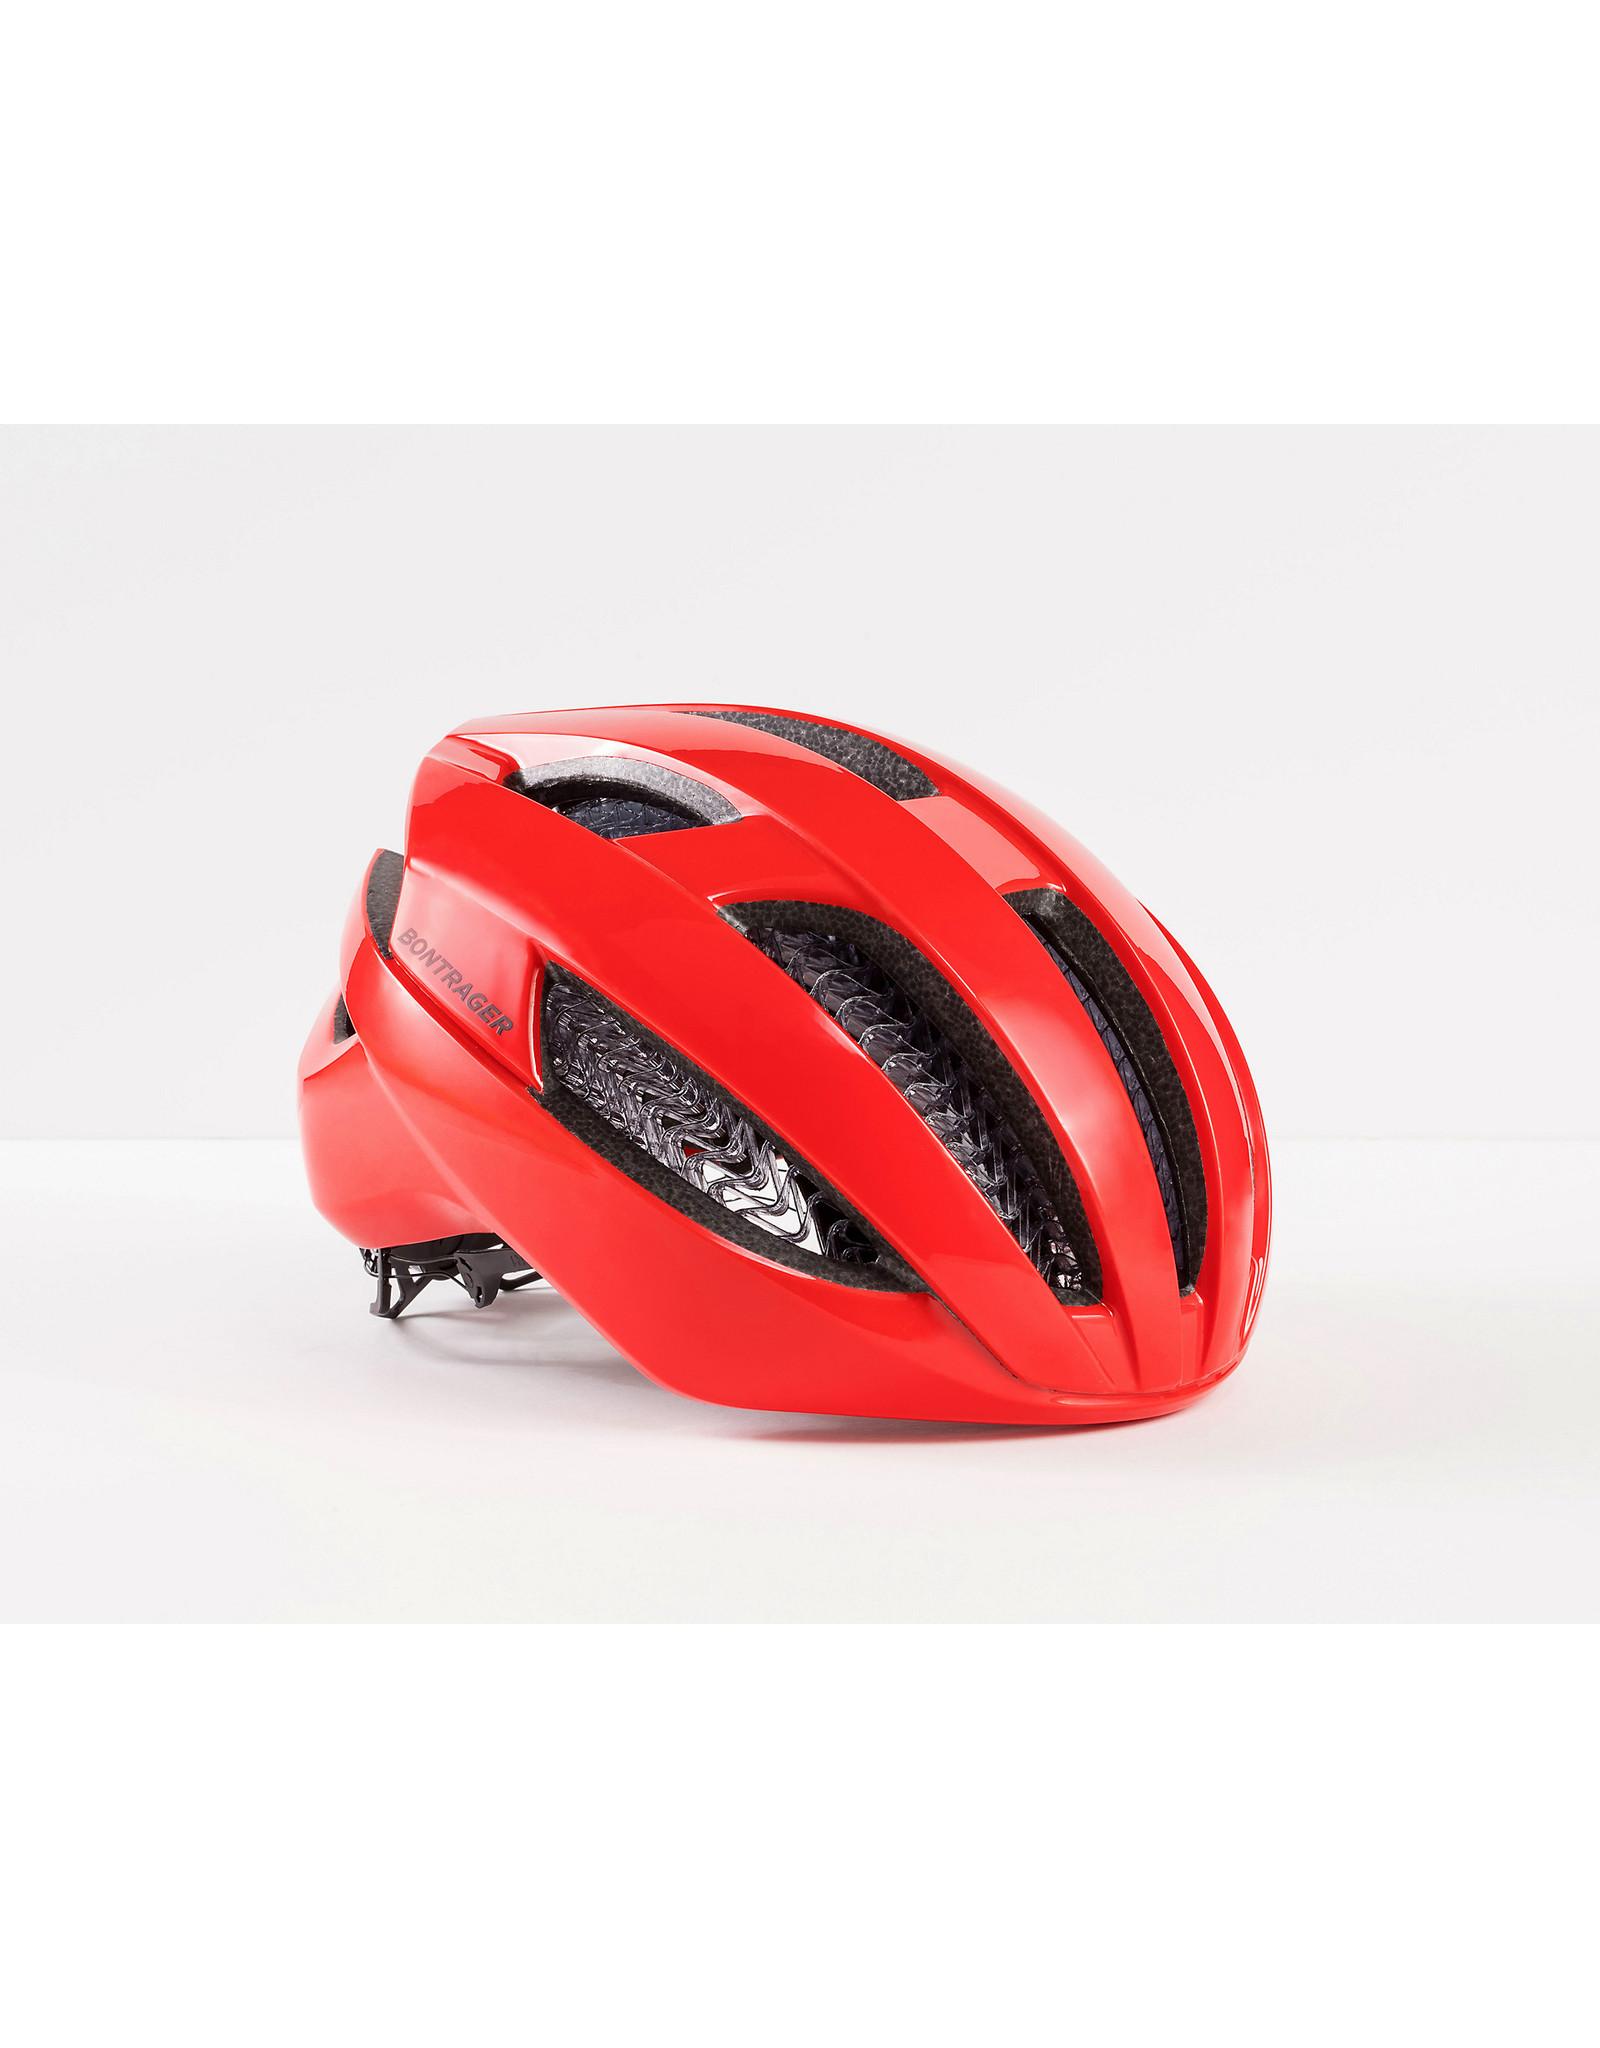 Bontrager Specter WaveCel Casque cycliste